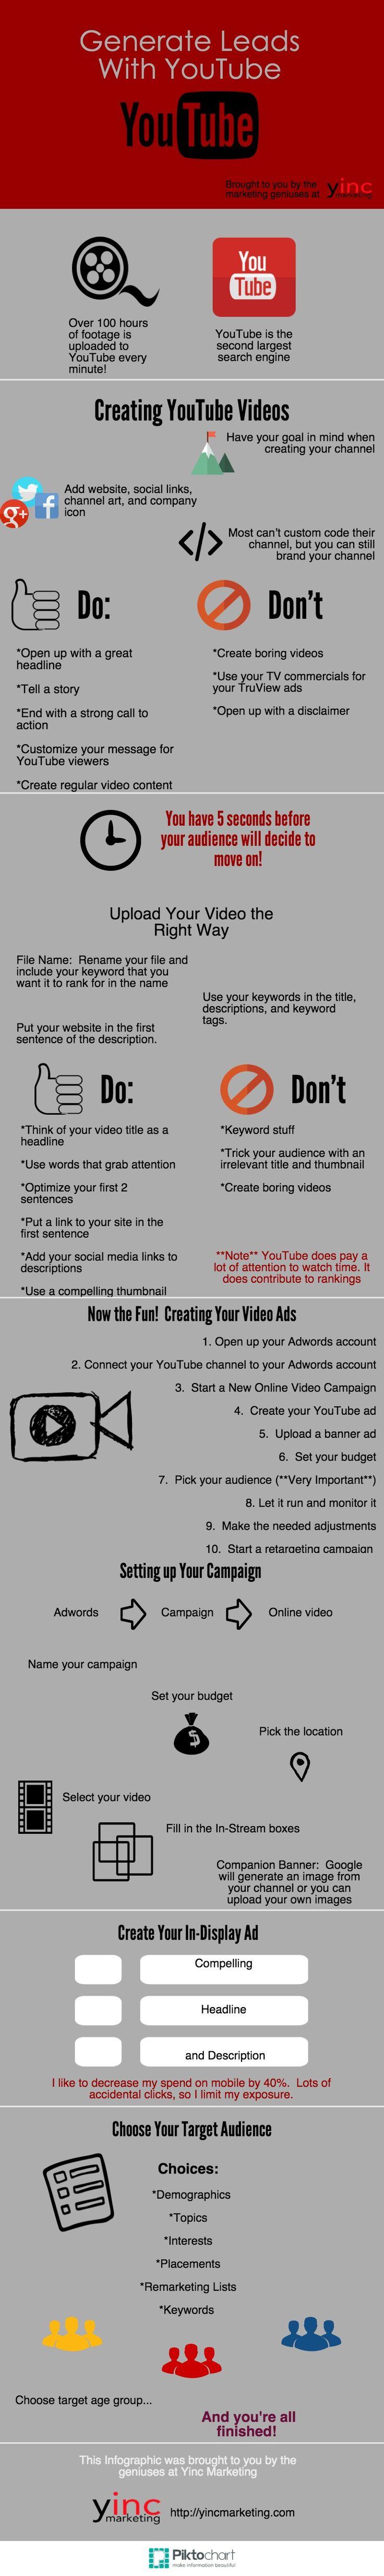 Cómo generar leads con Youtube. Guía de marketing gratis. FREE YouTube Marketing Guide.